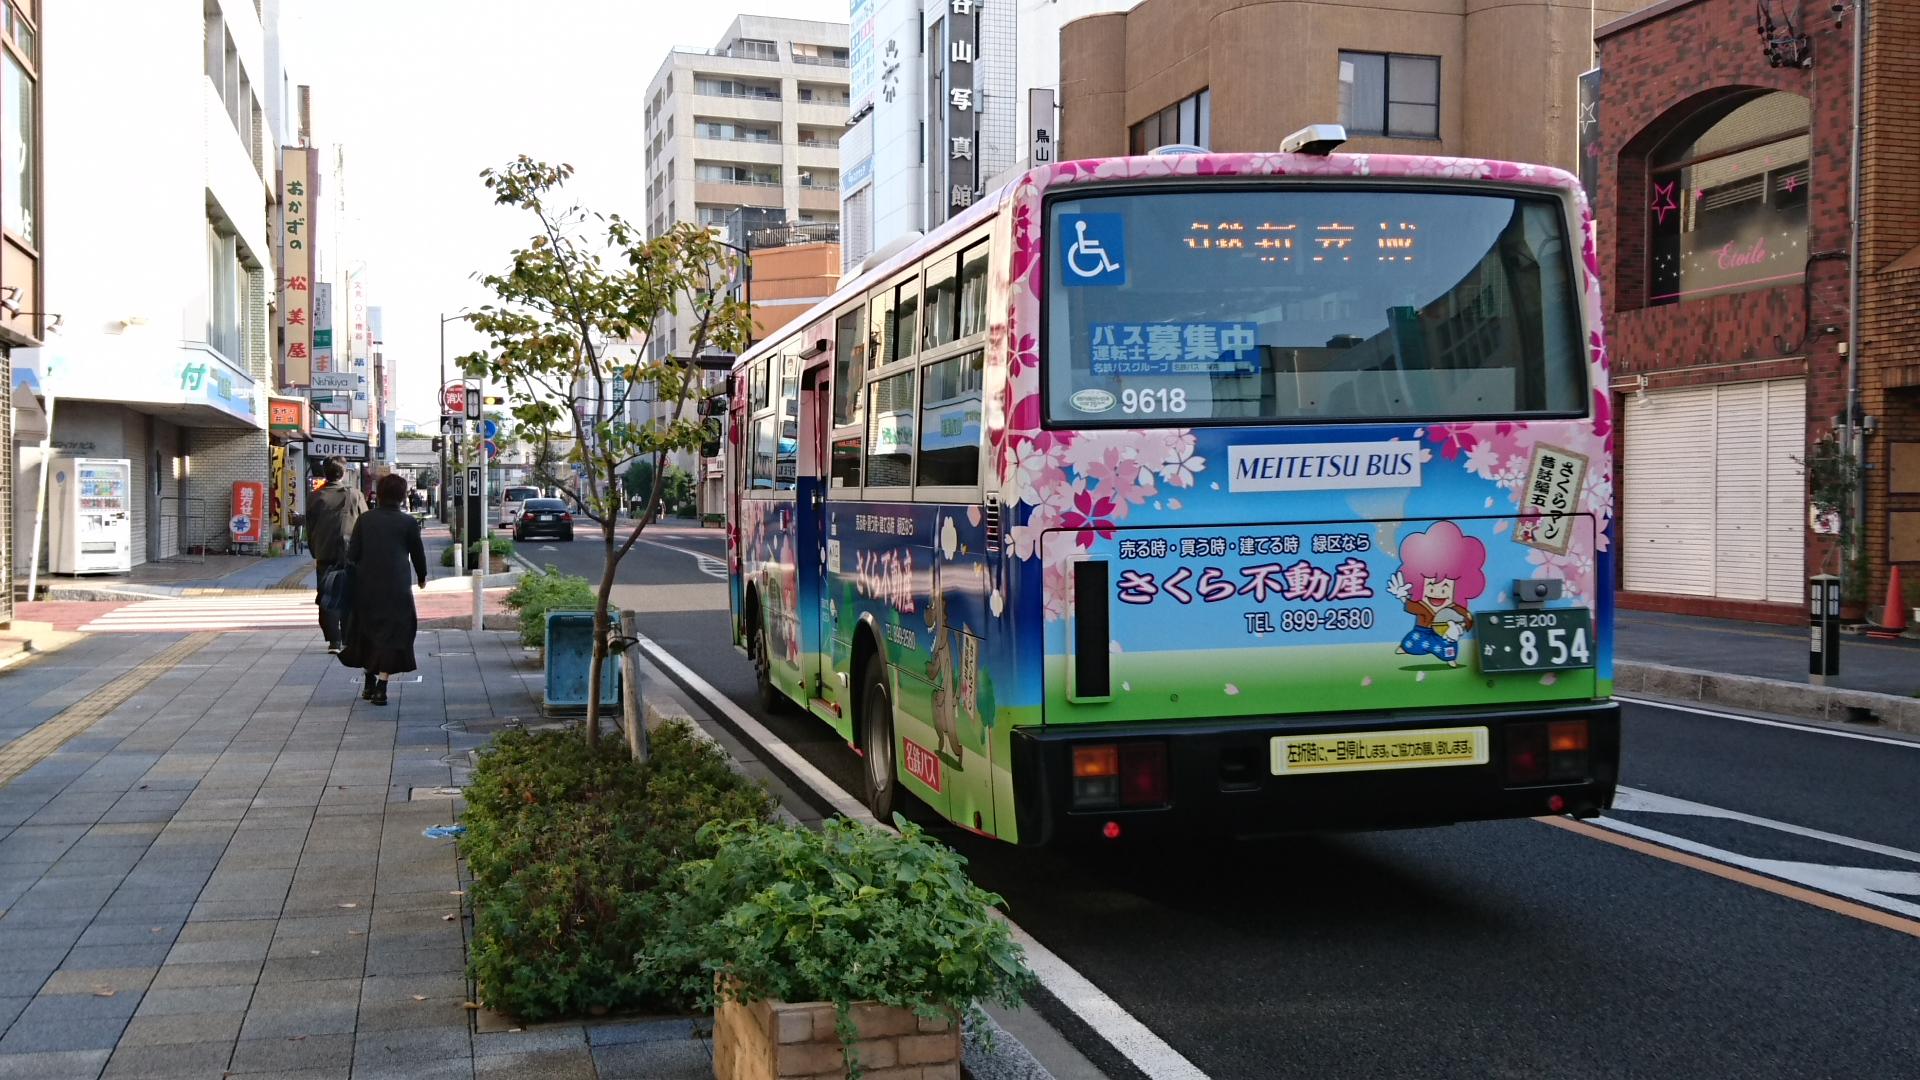 2016.10.26 あさ (5) あんじょうえきまえどおり - 名鉄バス 1920-1080